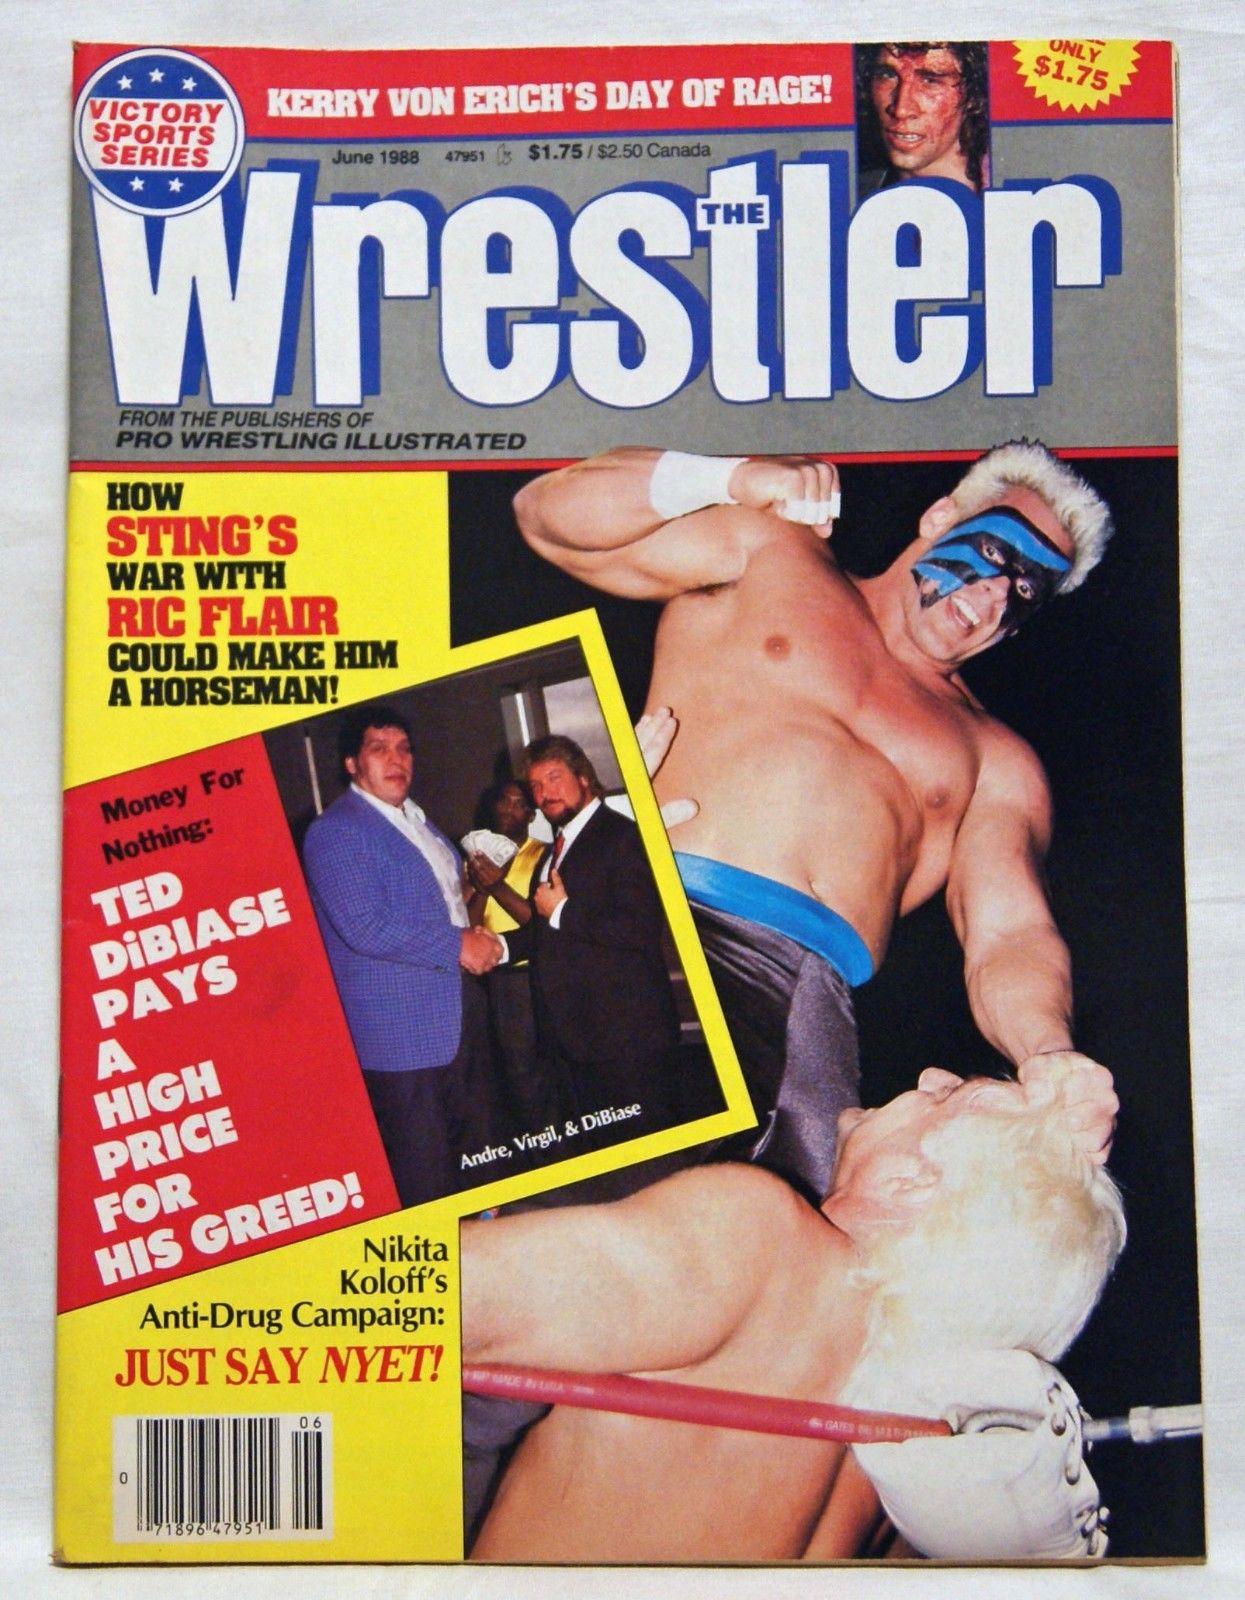 The Wrestler - June 1988